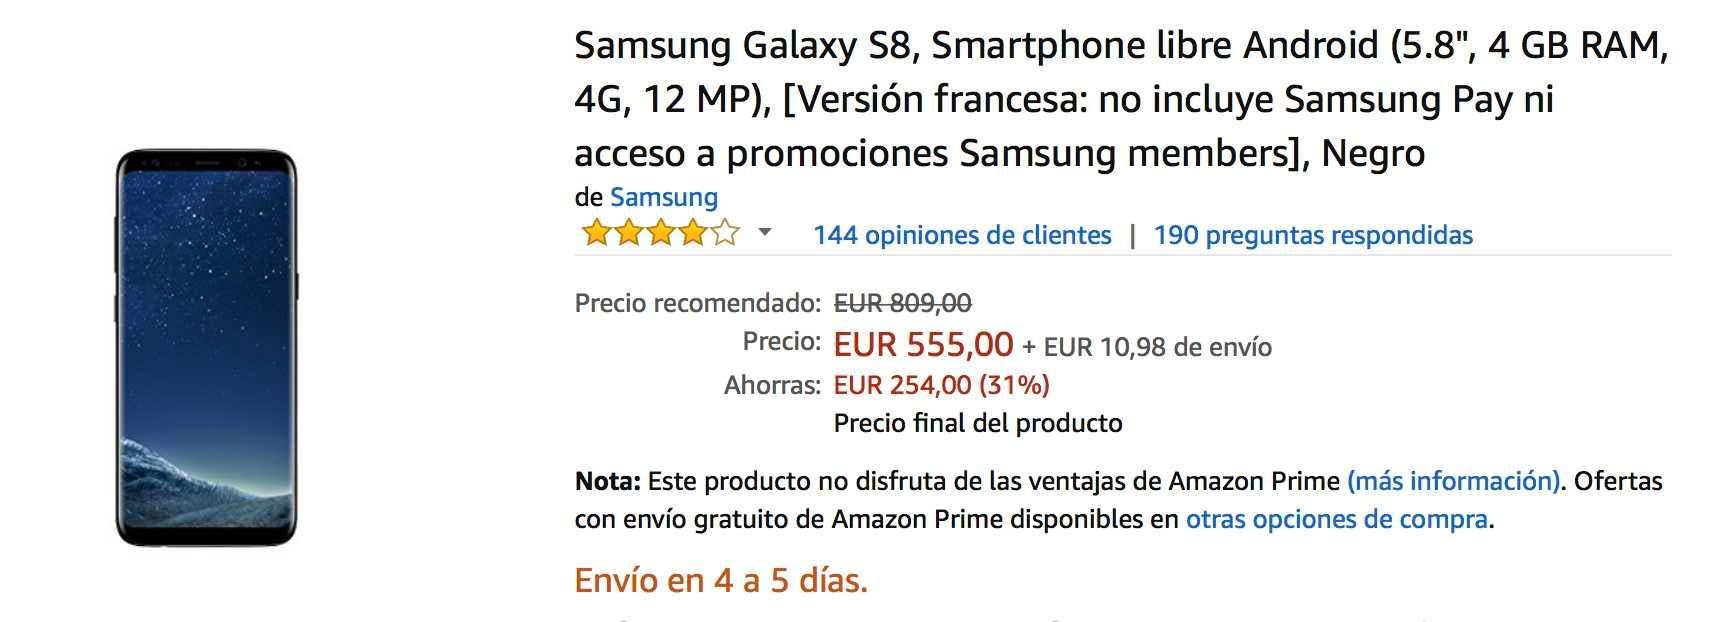 oferta del samsung galaxy s8 en amazon